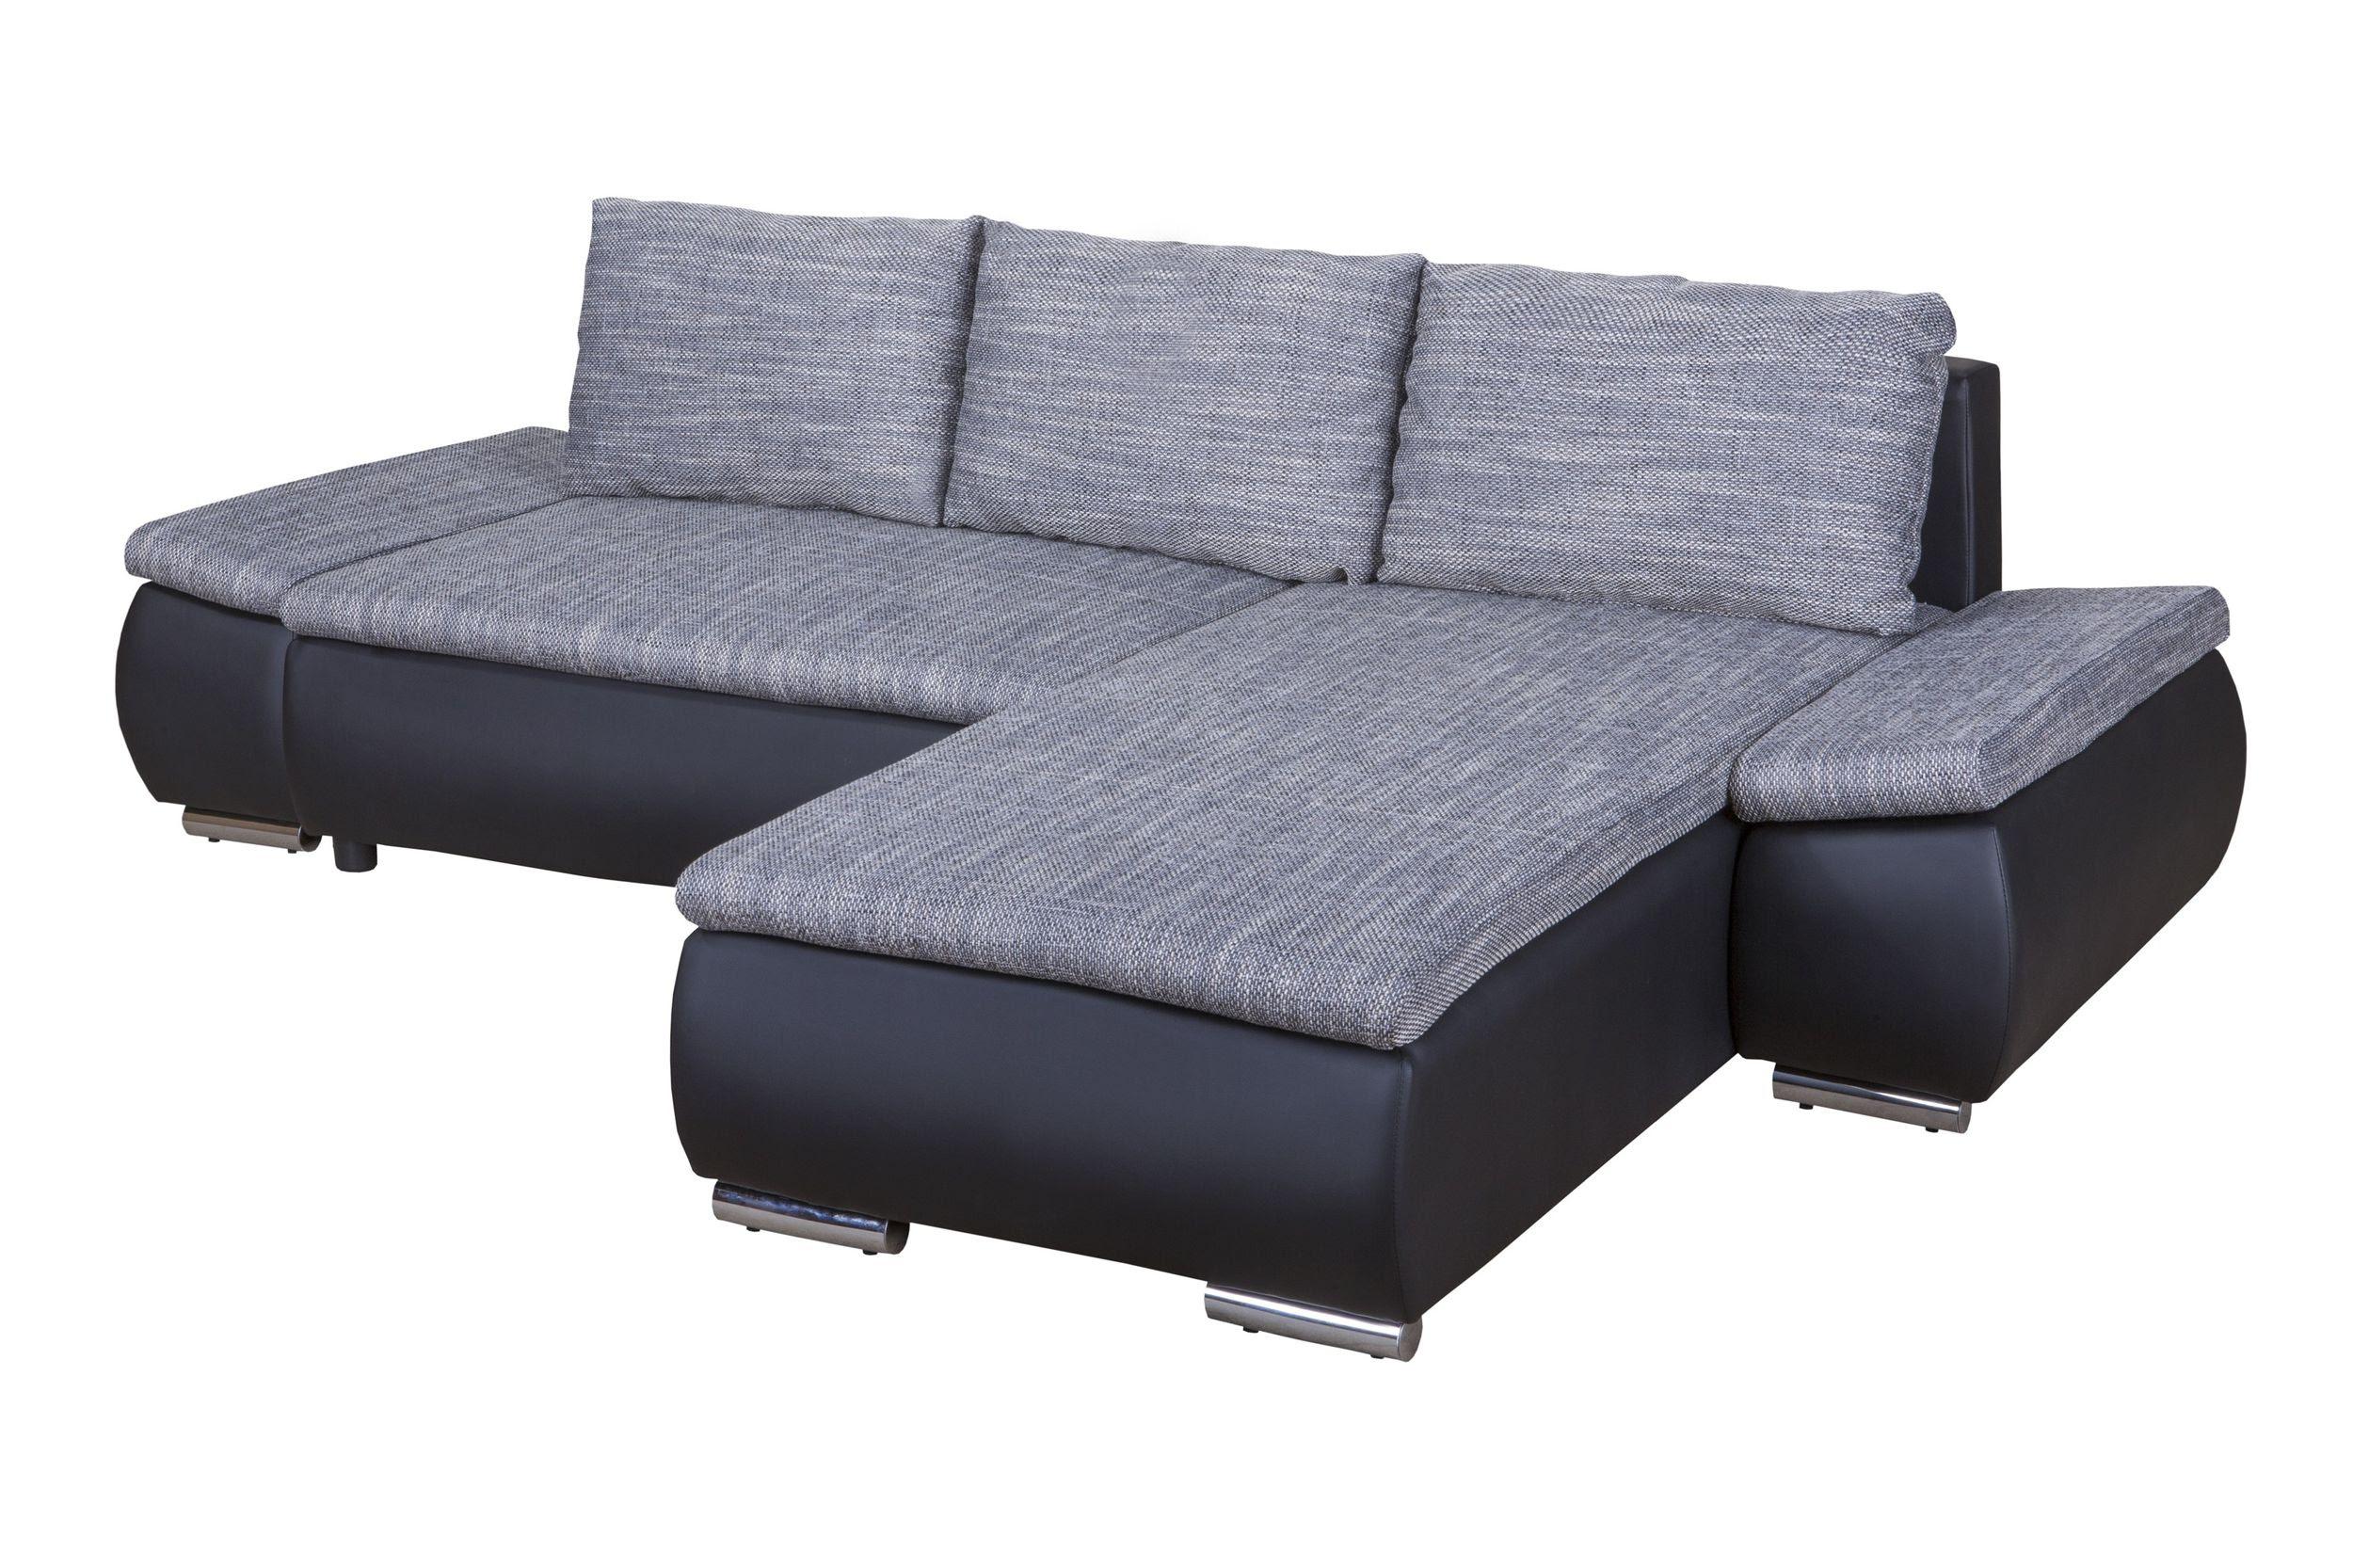 Bettcouch Preiswert Schlafsofa Havdrup In Grau Klappbar ...